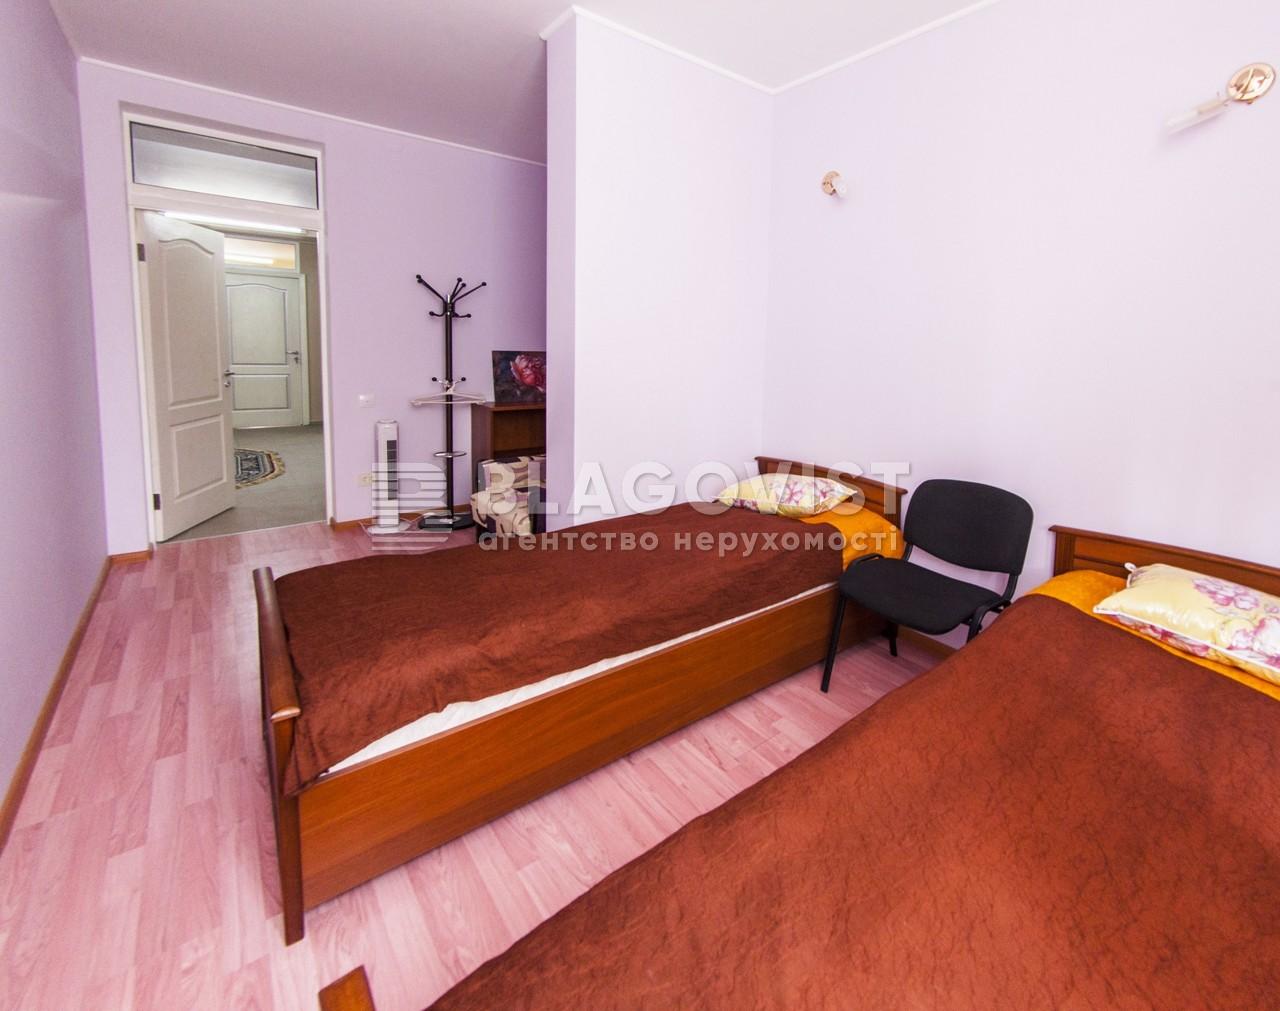 Гостиница, F-30823, Кольцова бульв., Киев - Фото 13